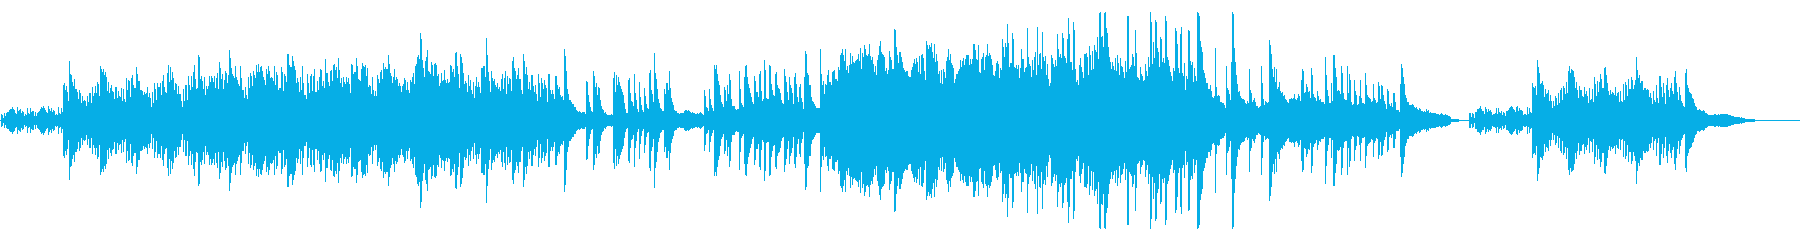 不思議・神秘系フィールド曲(ループ)の再生済みの波形